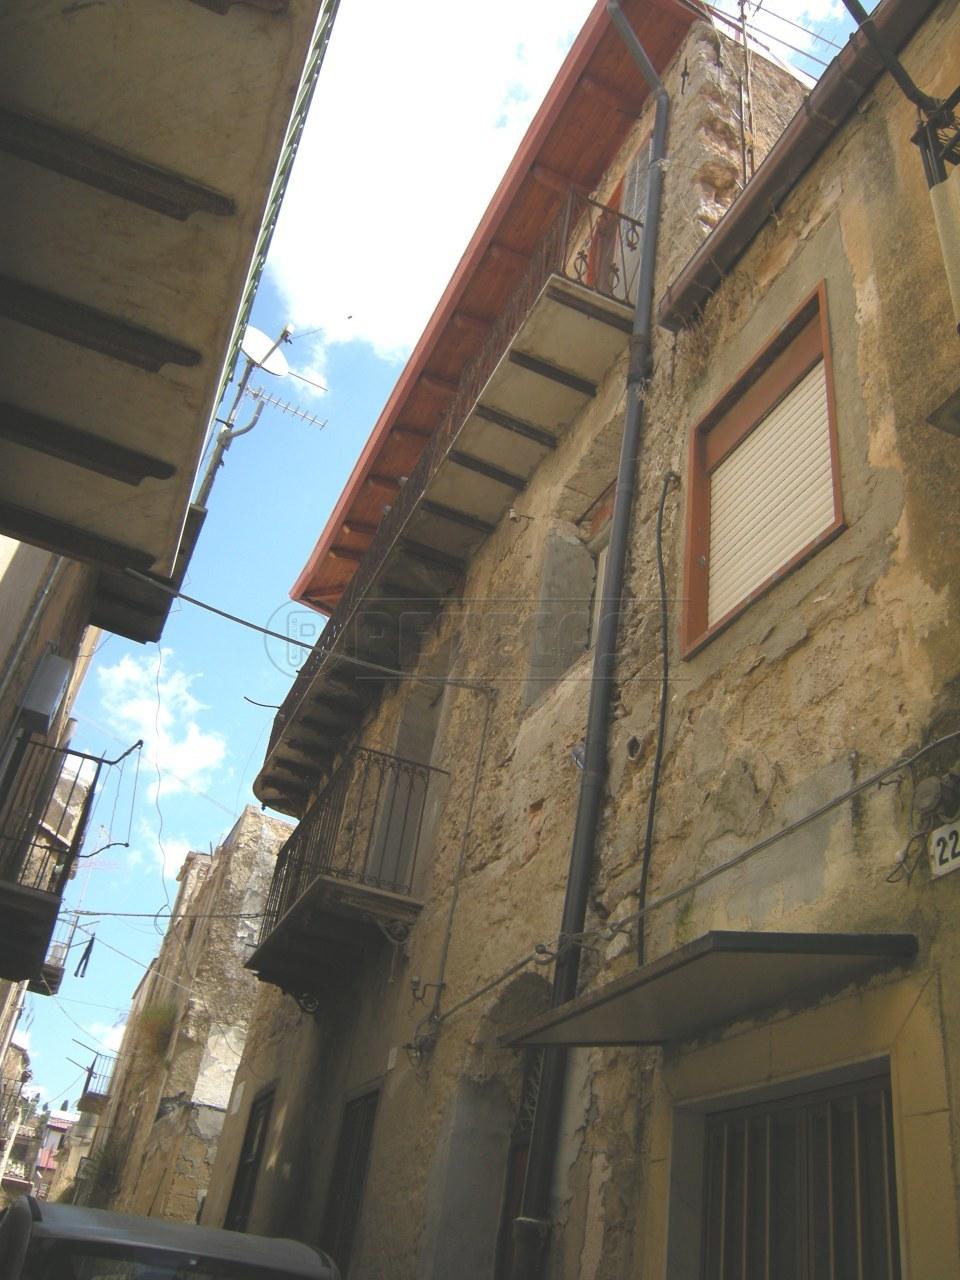 Appartamento in vendita a Caltanissetta, 3 locali, prezzo € 3.000 | Cambio Casa.it